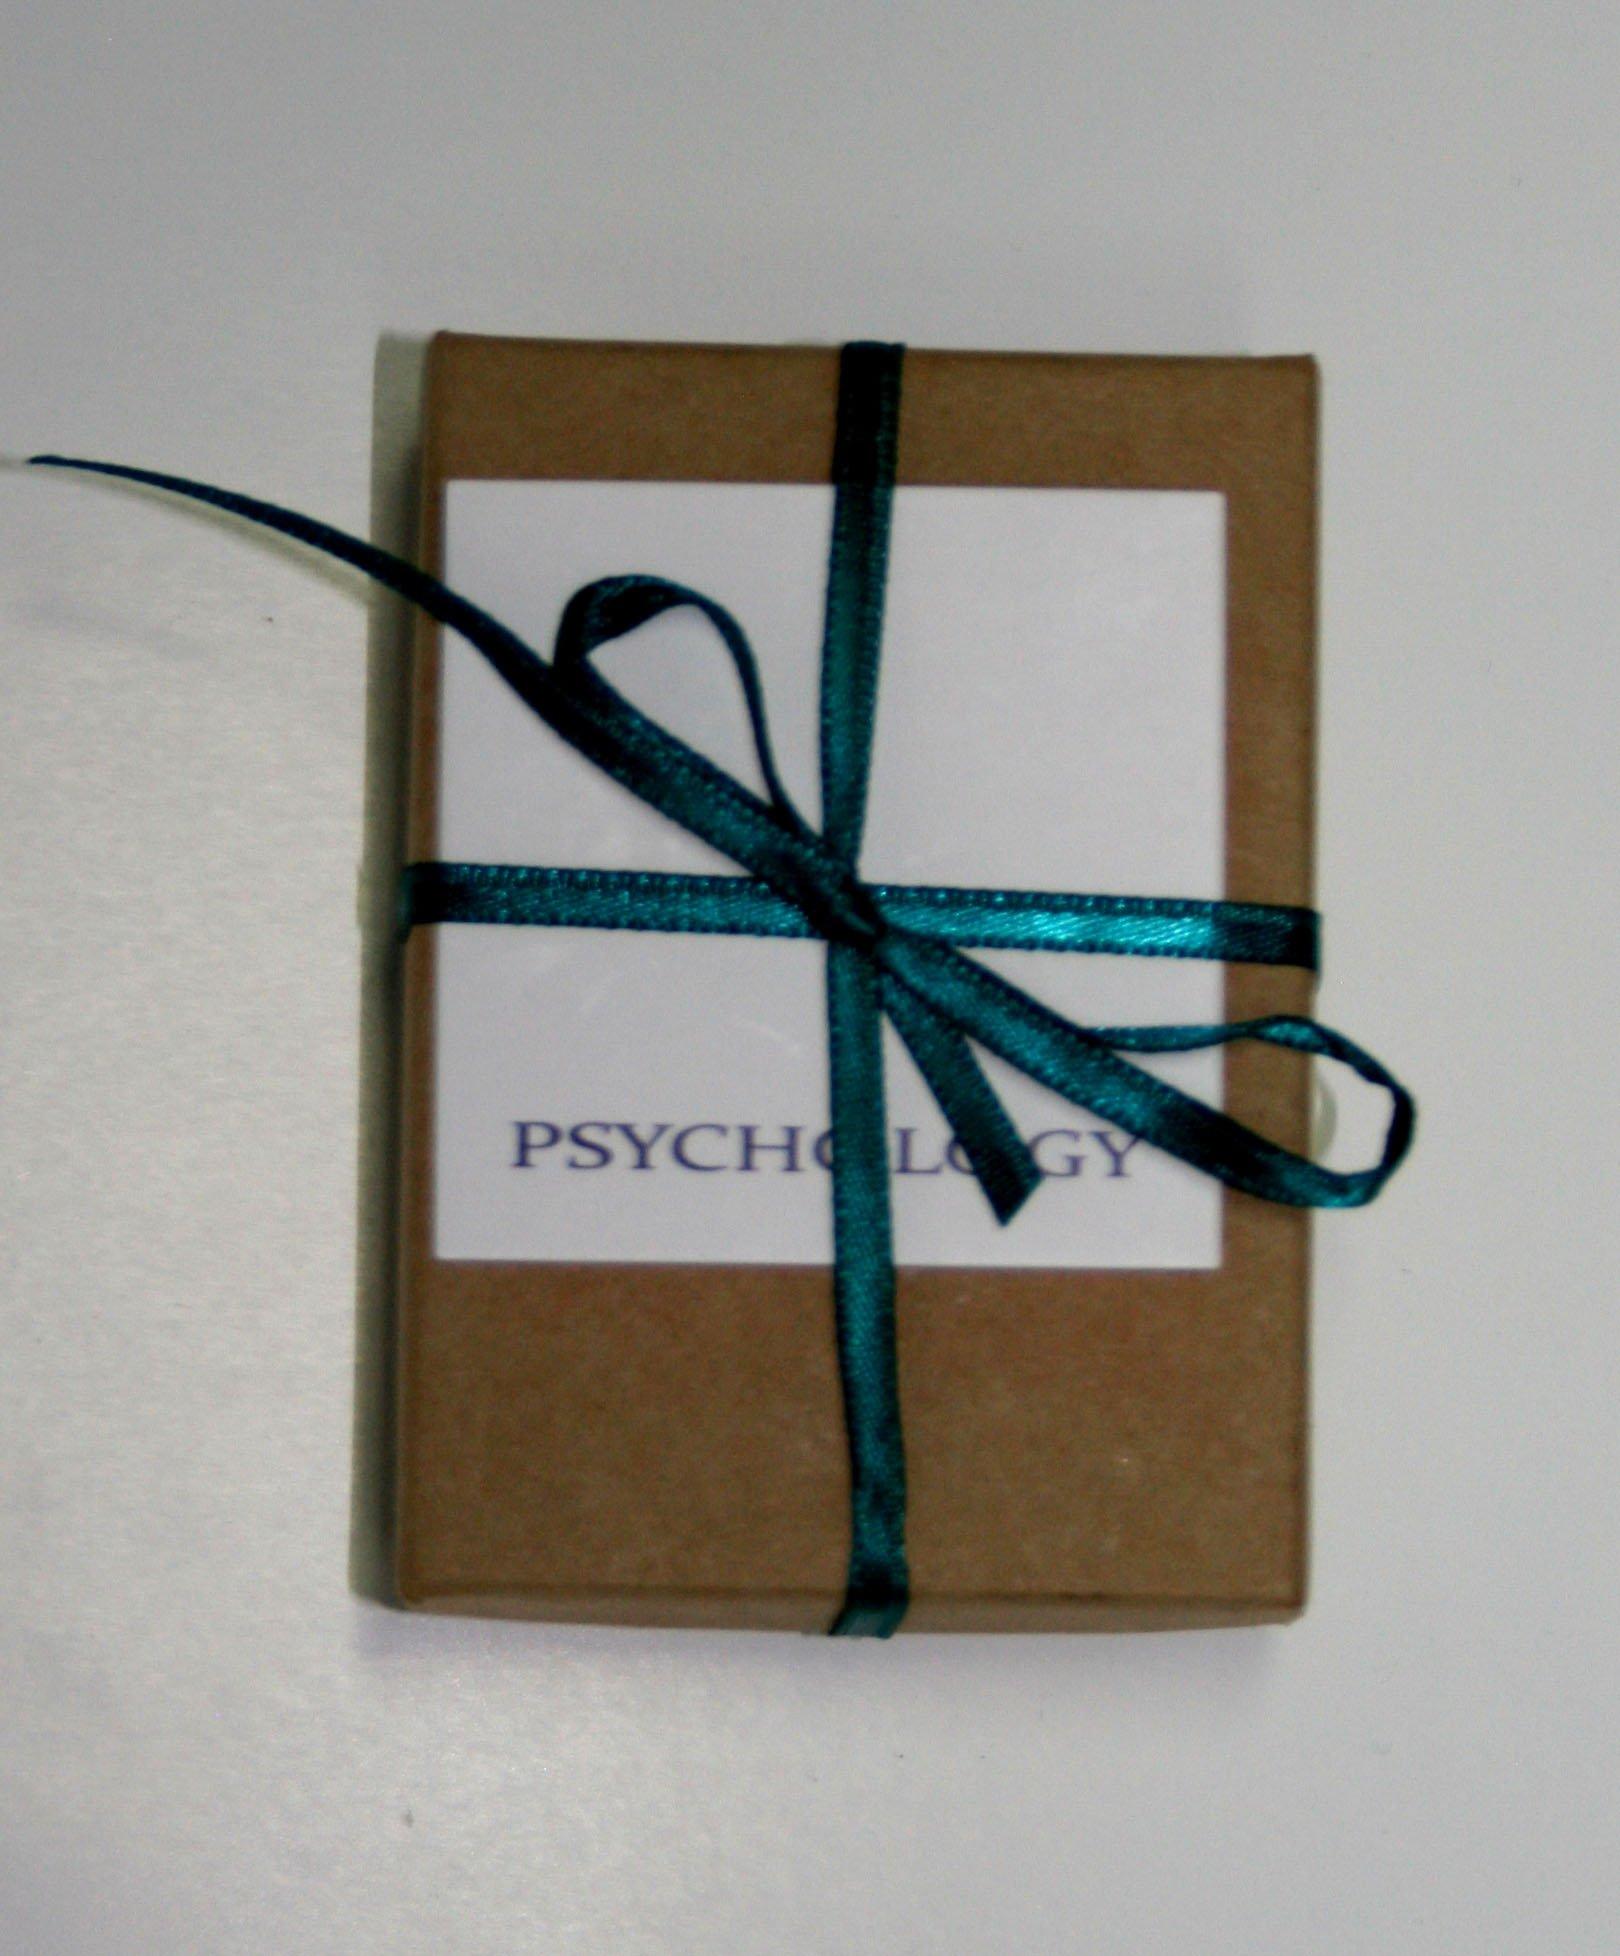 Psychology Symbol Pin (Psi symbol pin)